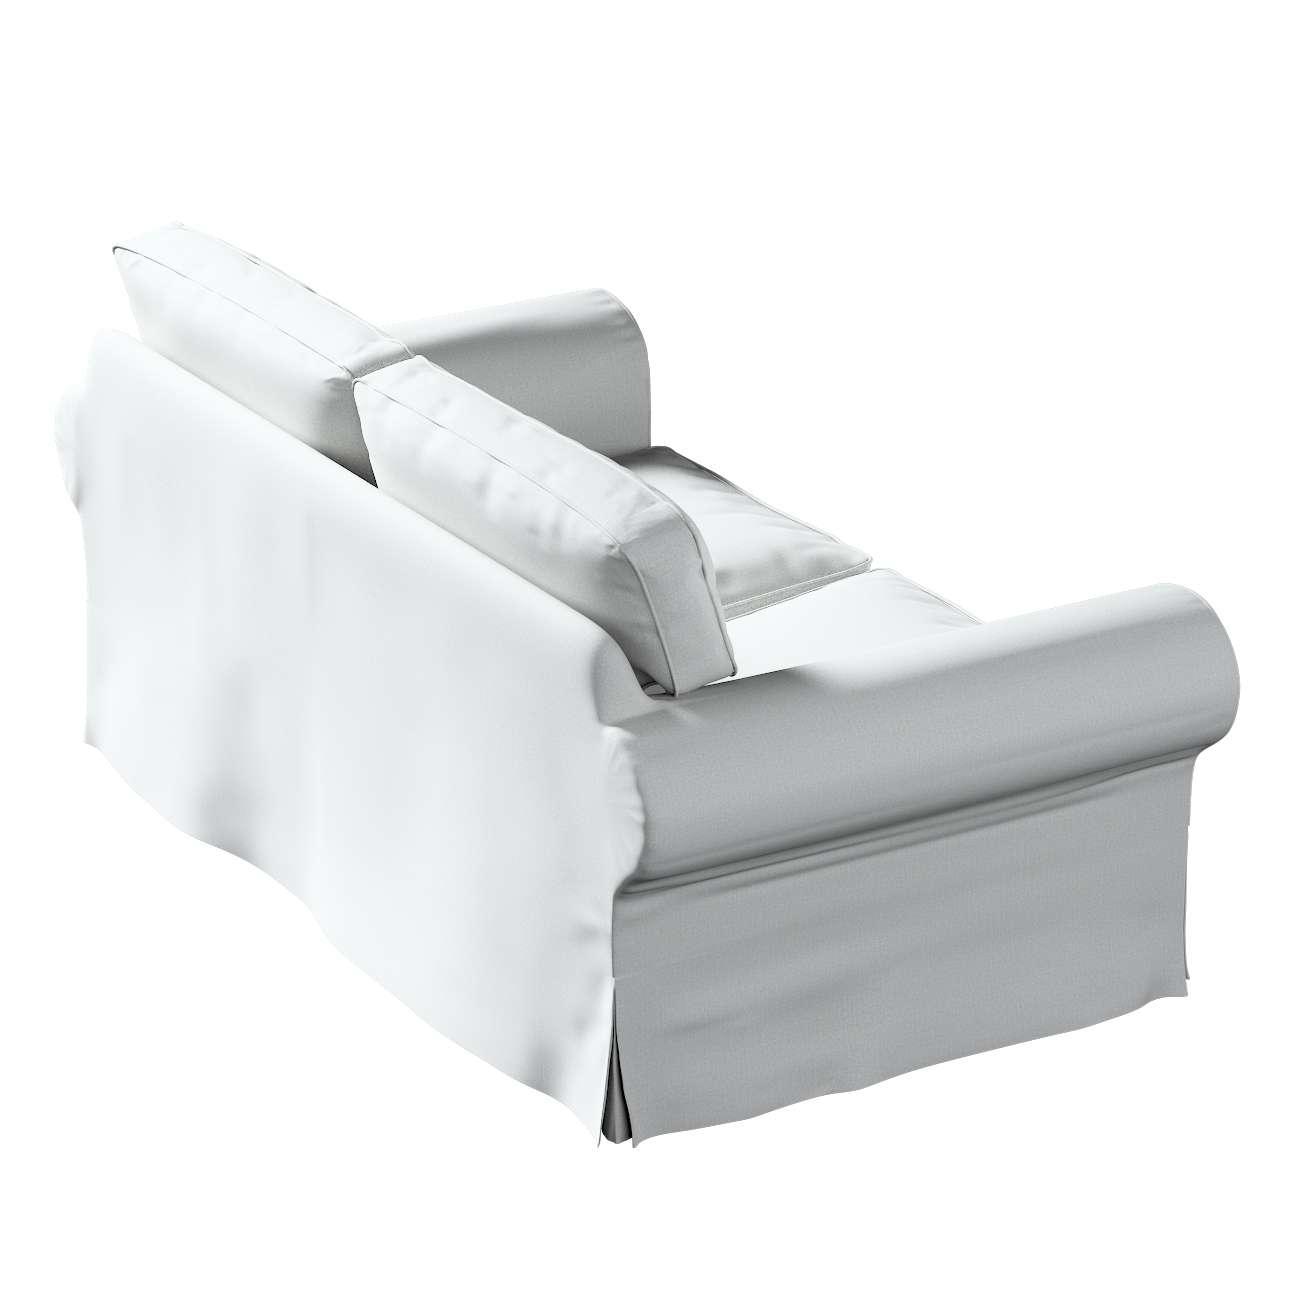 Pokrowiec na sofę Ektorp 2-osobową, rozkładaną, model do 2012 w kolekcji Living II, tkanina: 161-18